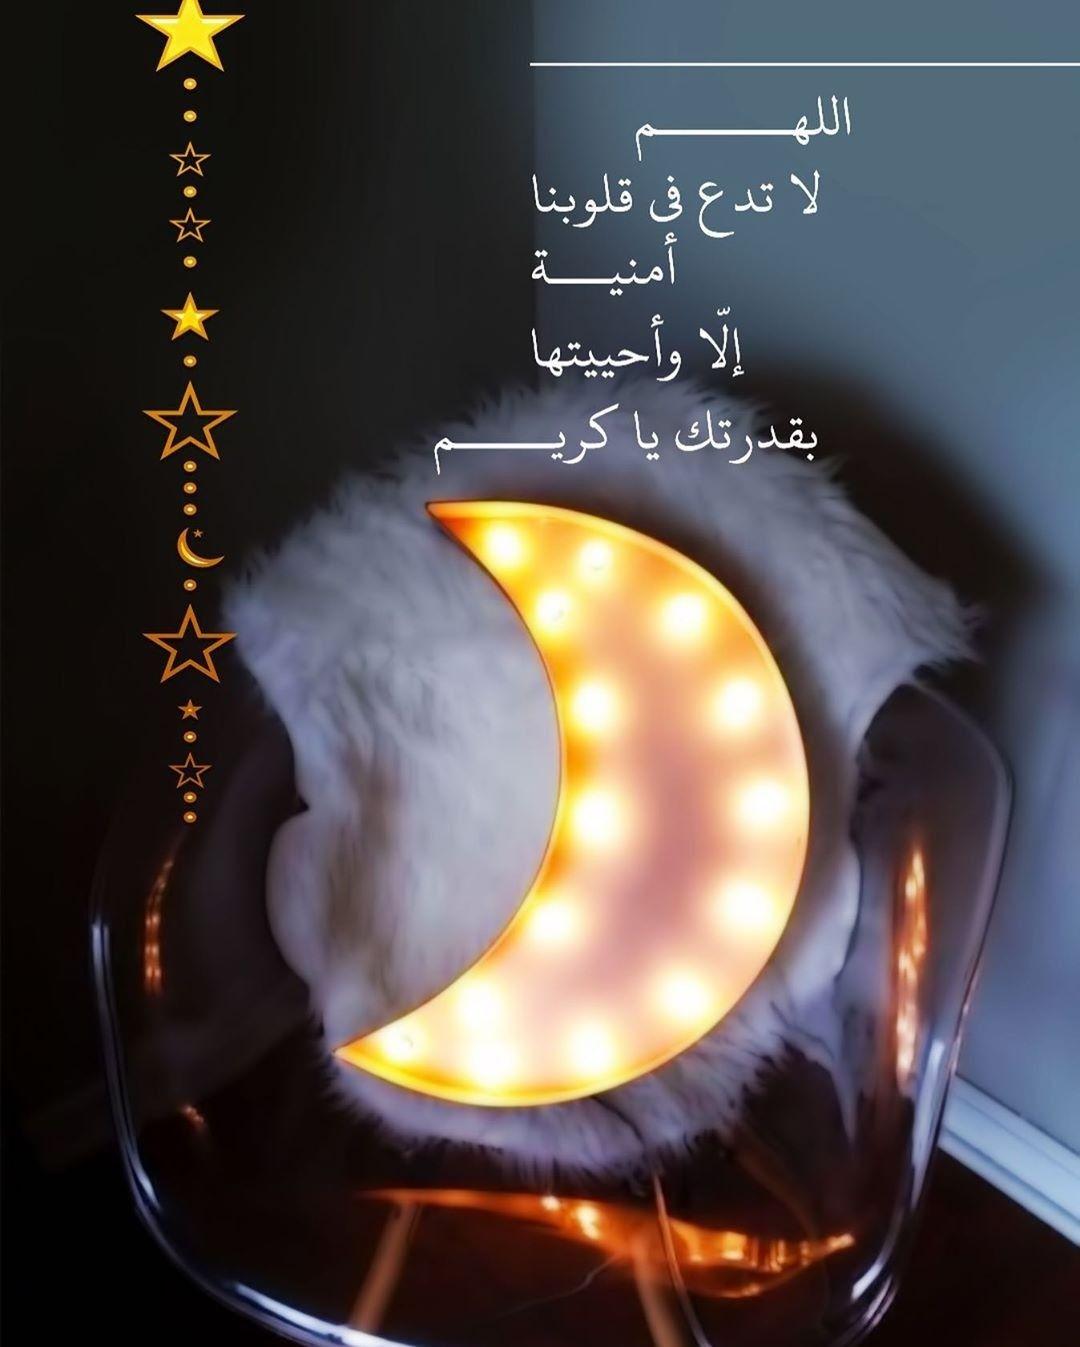 Pin By عبق الورد On أدعيه وأذكار Ramadan Kareem Ramadan Poster